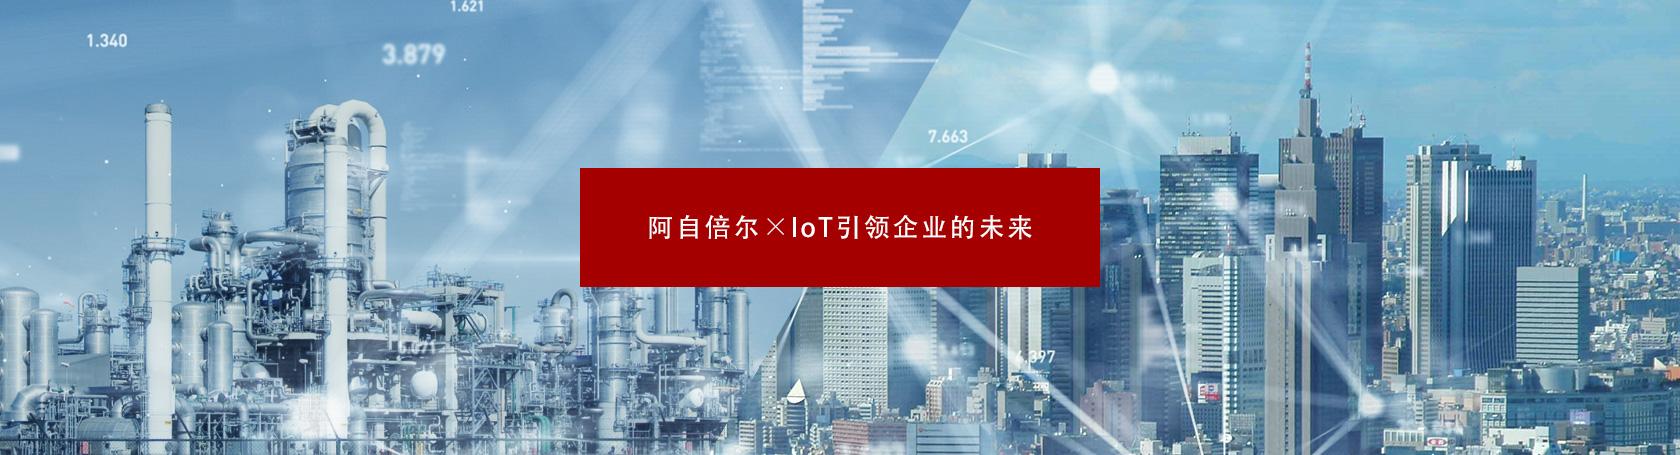 阿自倍尔×IoT引领企业的未来